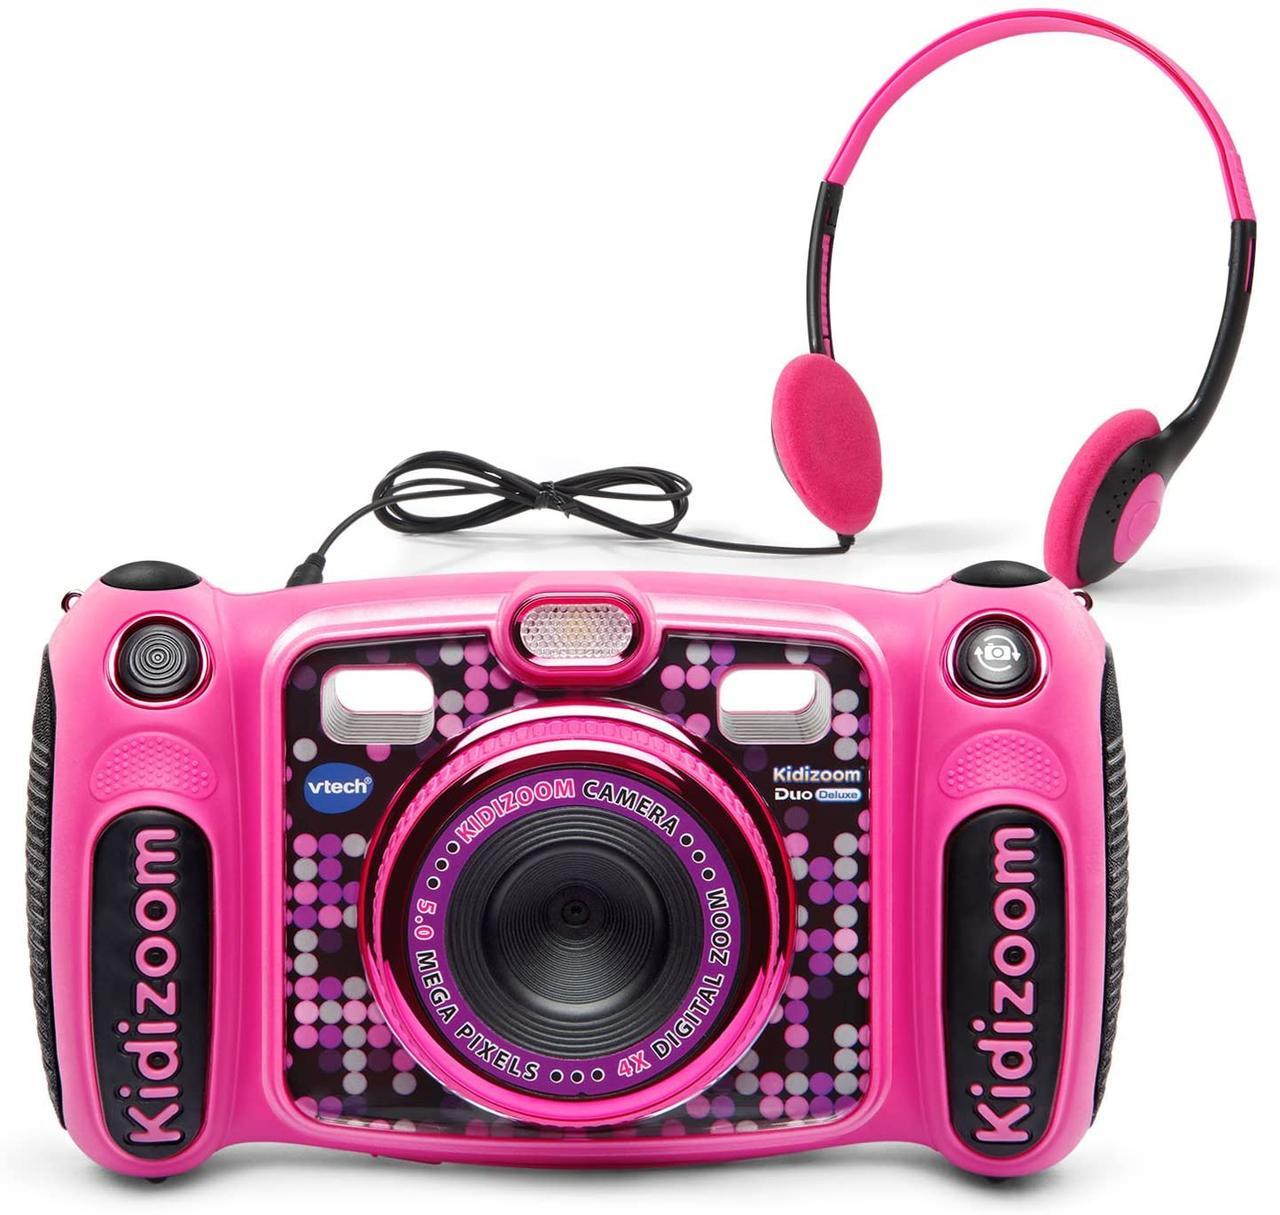 Детский фотоаппарат с видео записью, MP3 и наушники. VTech Kidizoom Duo 5.0 Deluxe Digital Selfie Camera